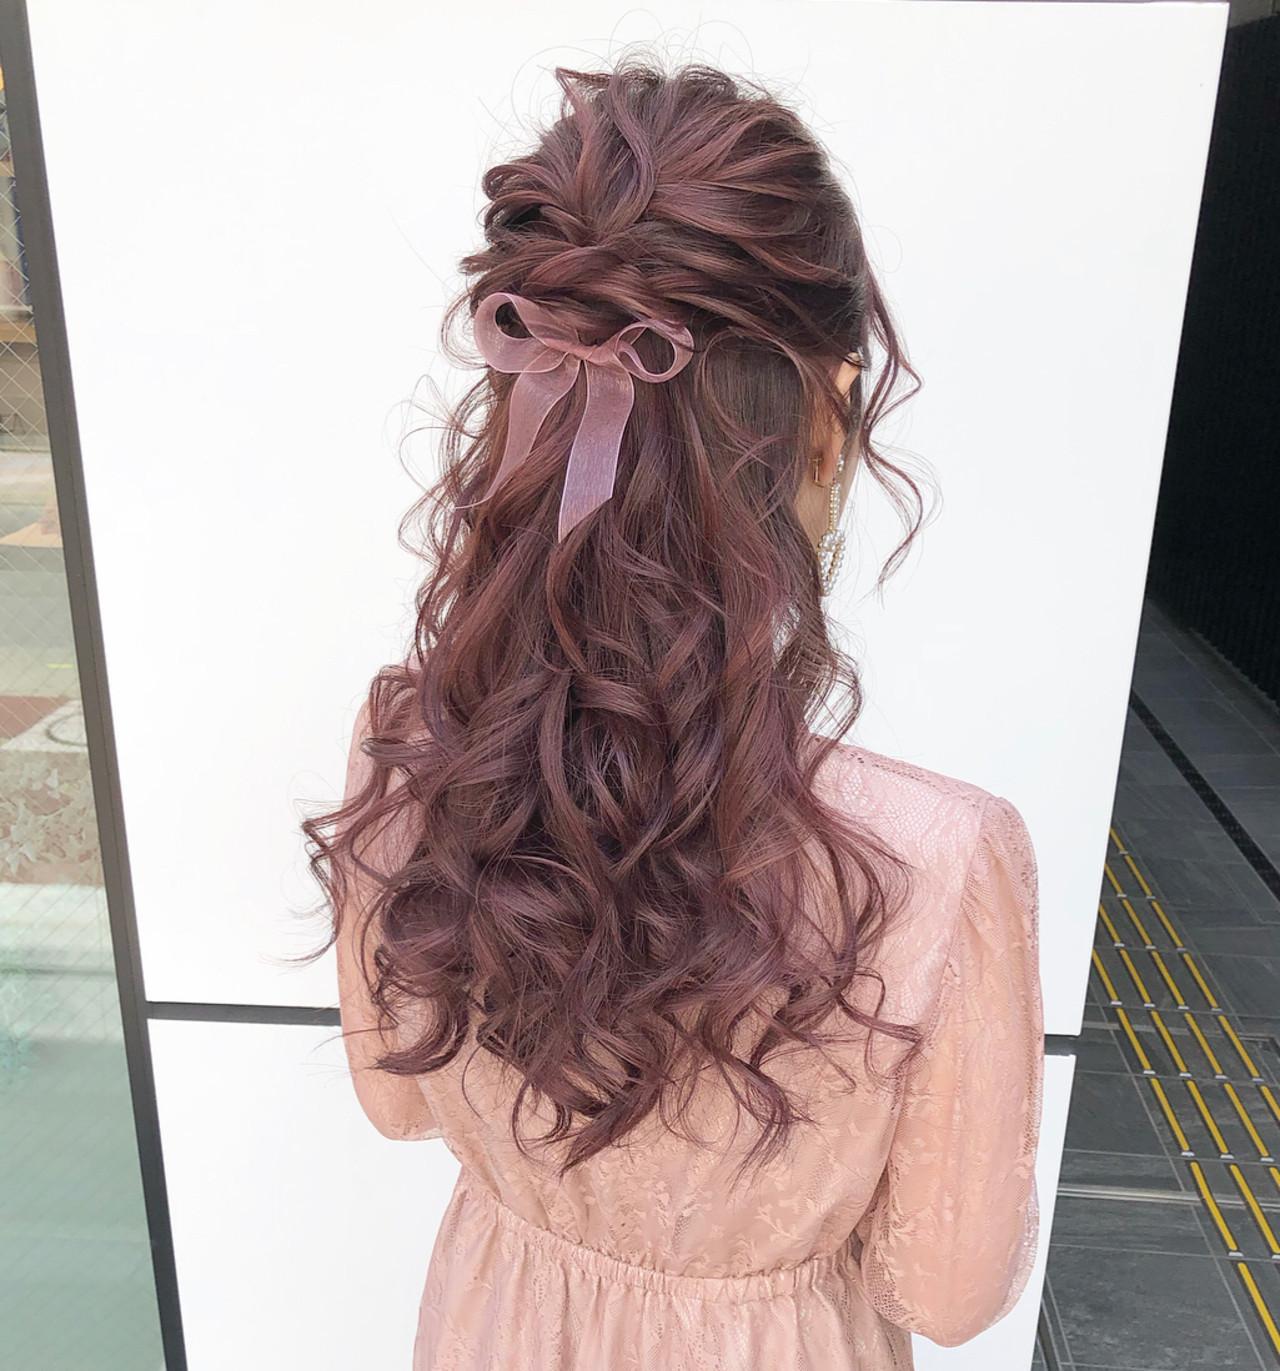 ピンク 大人可愛い ヘアアレンジ ハーフアップ ヘアスタイルや髪型の写真・画像